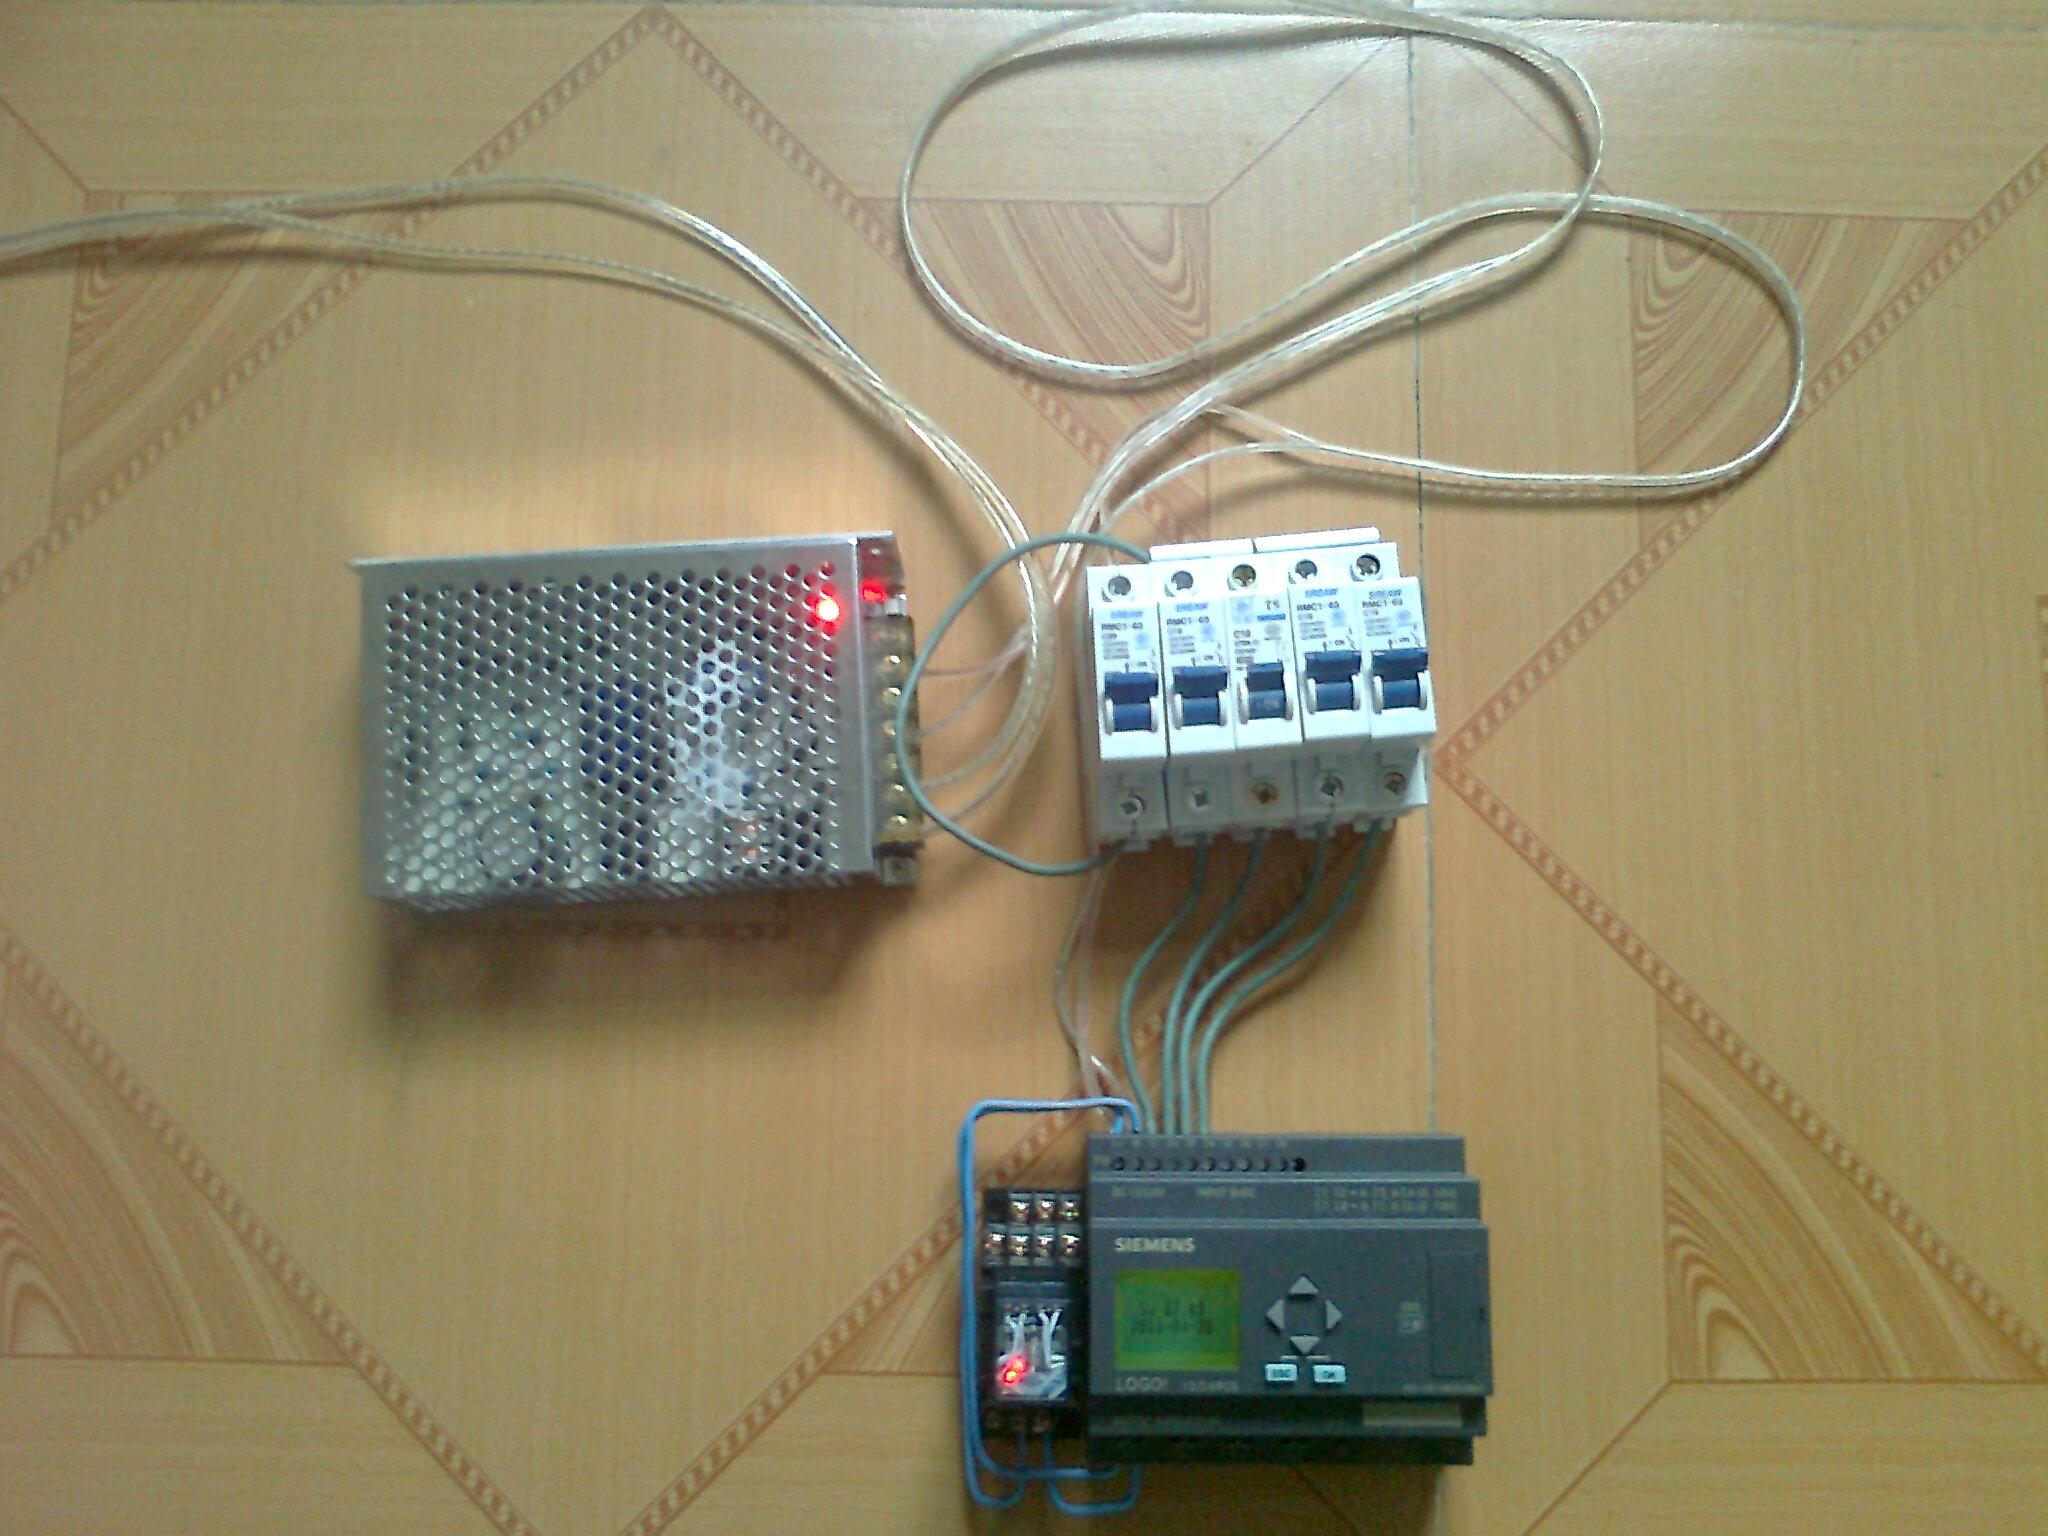 简绘百合子房横切图-LOGO操作比较简单,与PLC相比增加了键盘直接编程的好处